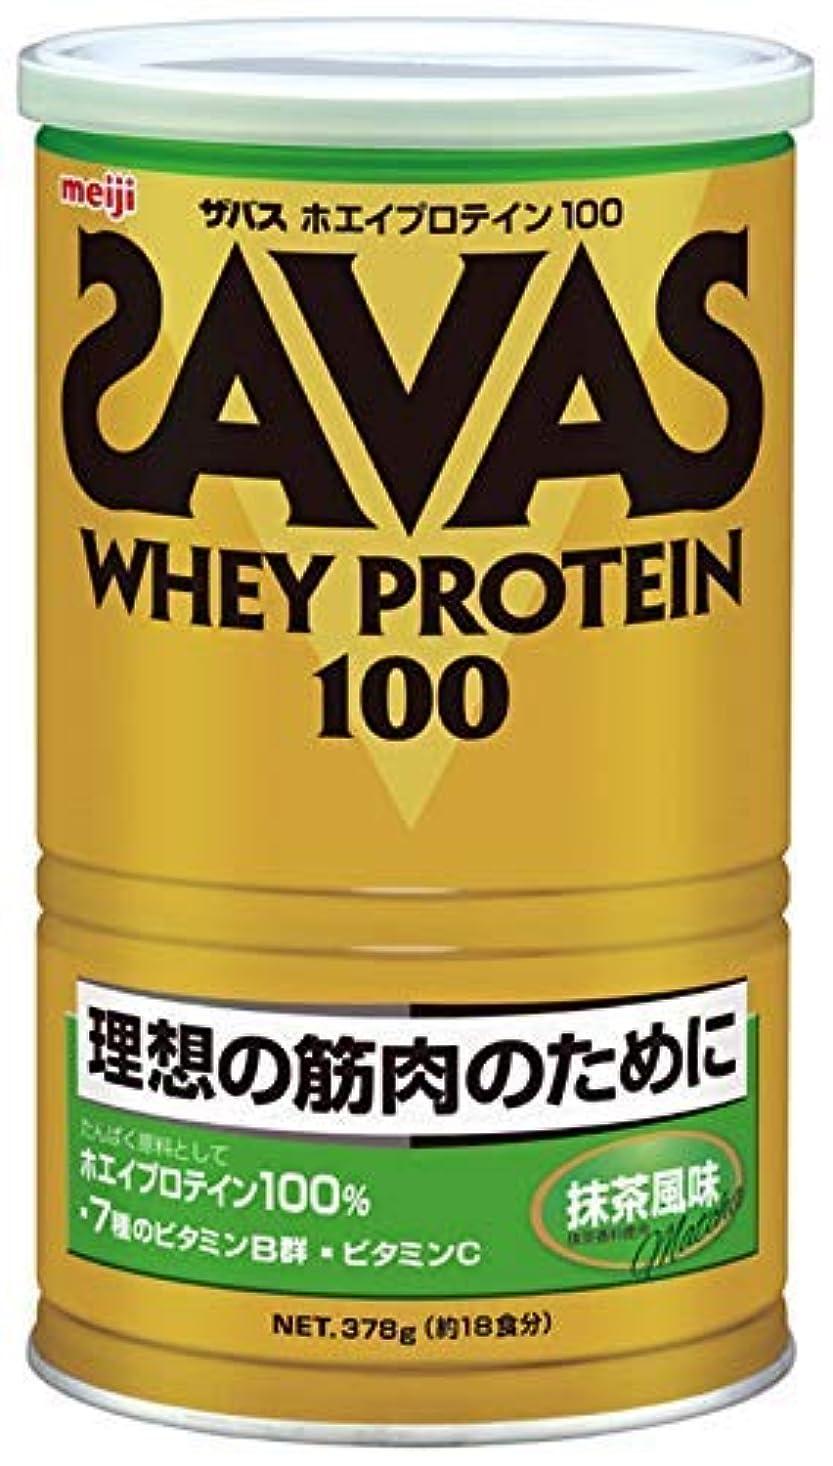 トラップホイールリズミカルな明治 ザバス ホエイプロテイン100 抹茶風味 378g 約18食分 × 10個セット